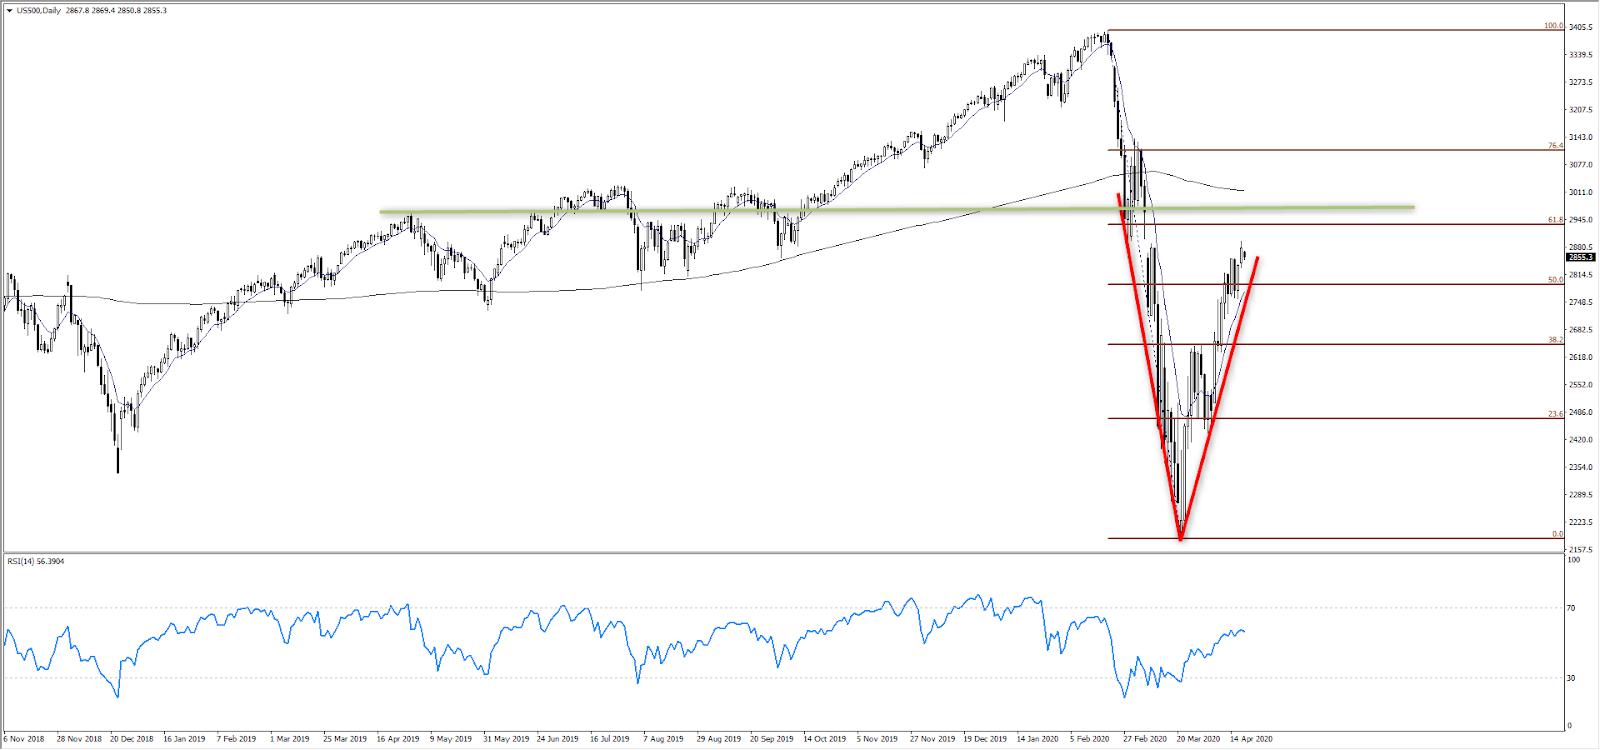 本周金融市场展望——数据不佳为何股市持续反弹 黄金破位将跌向1640?